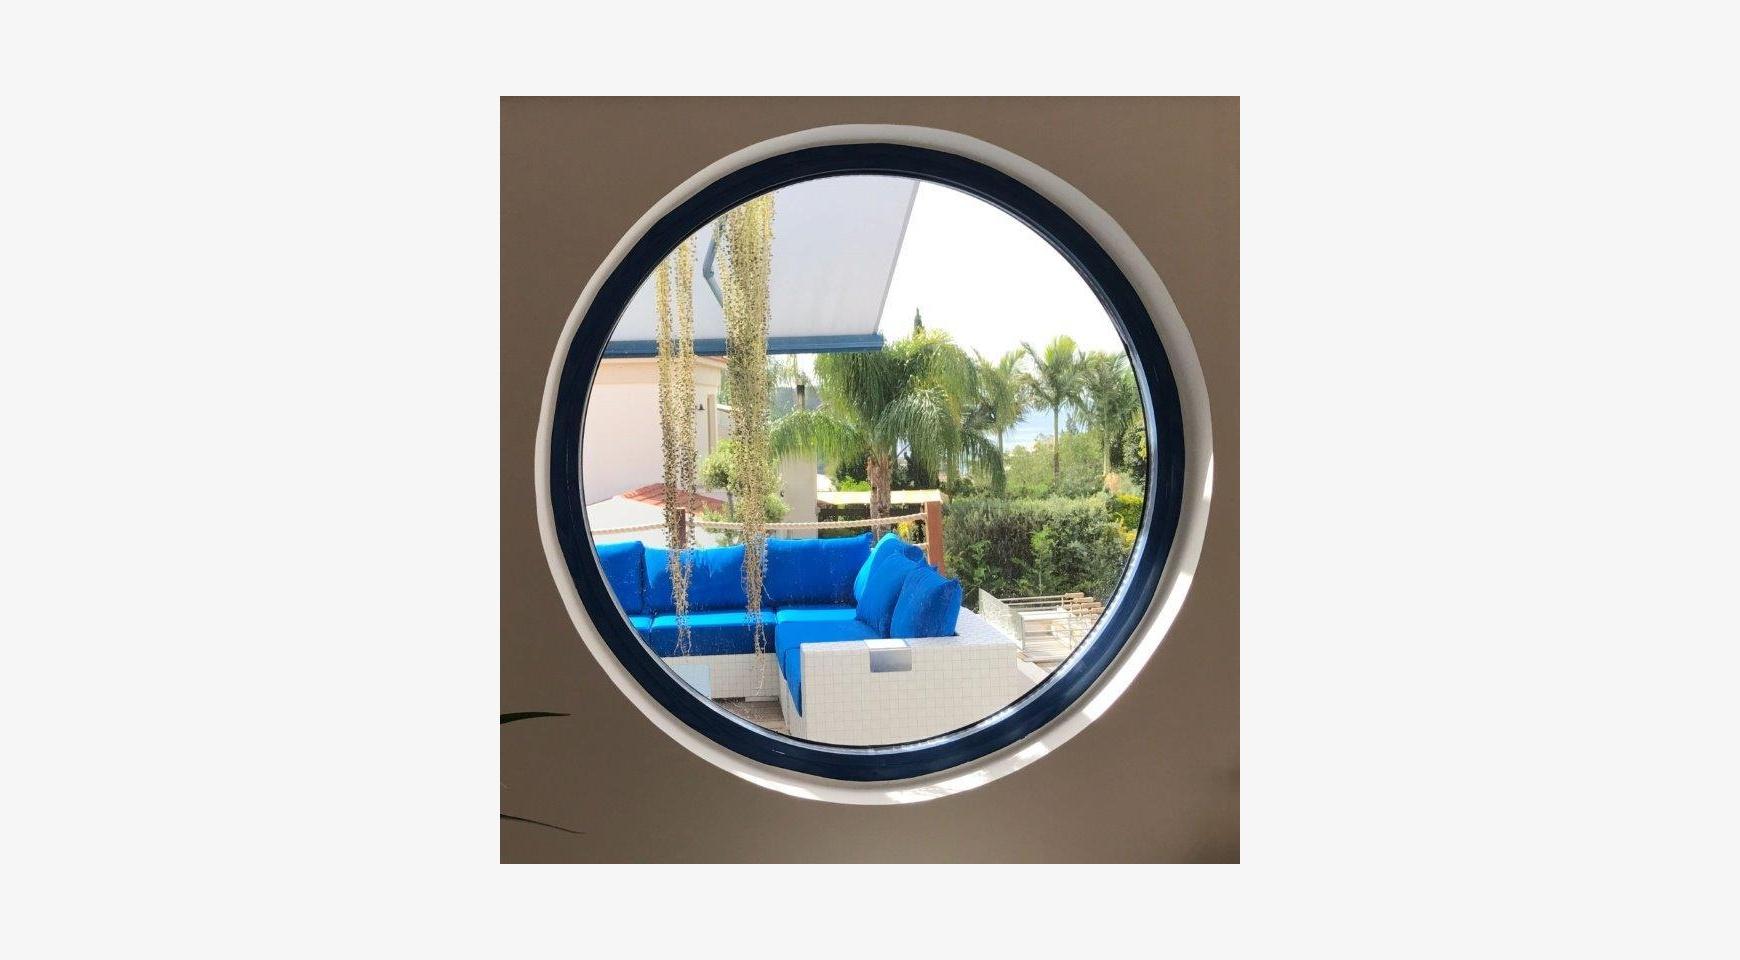 5 Bedroom Villa with Sea Views in Agios Tychonas Area - 17